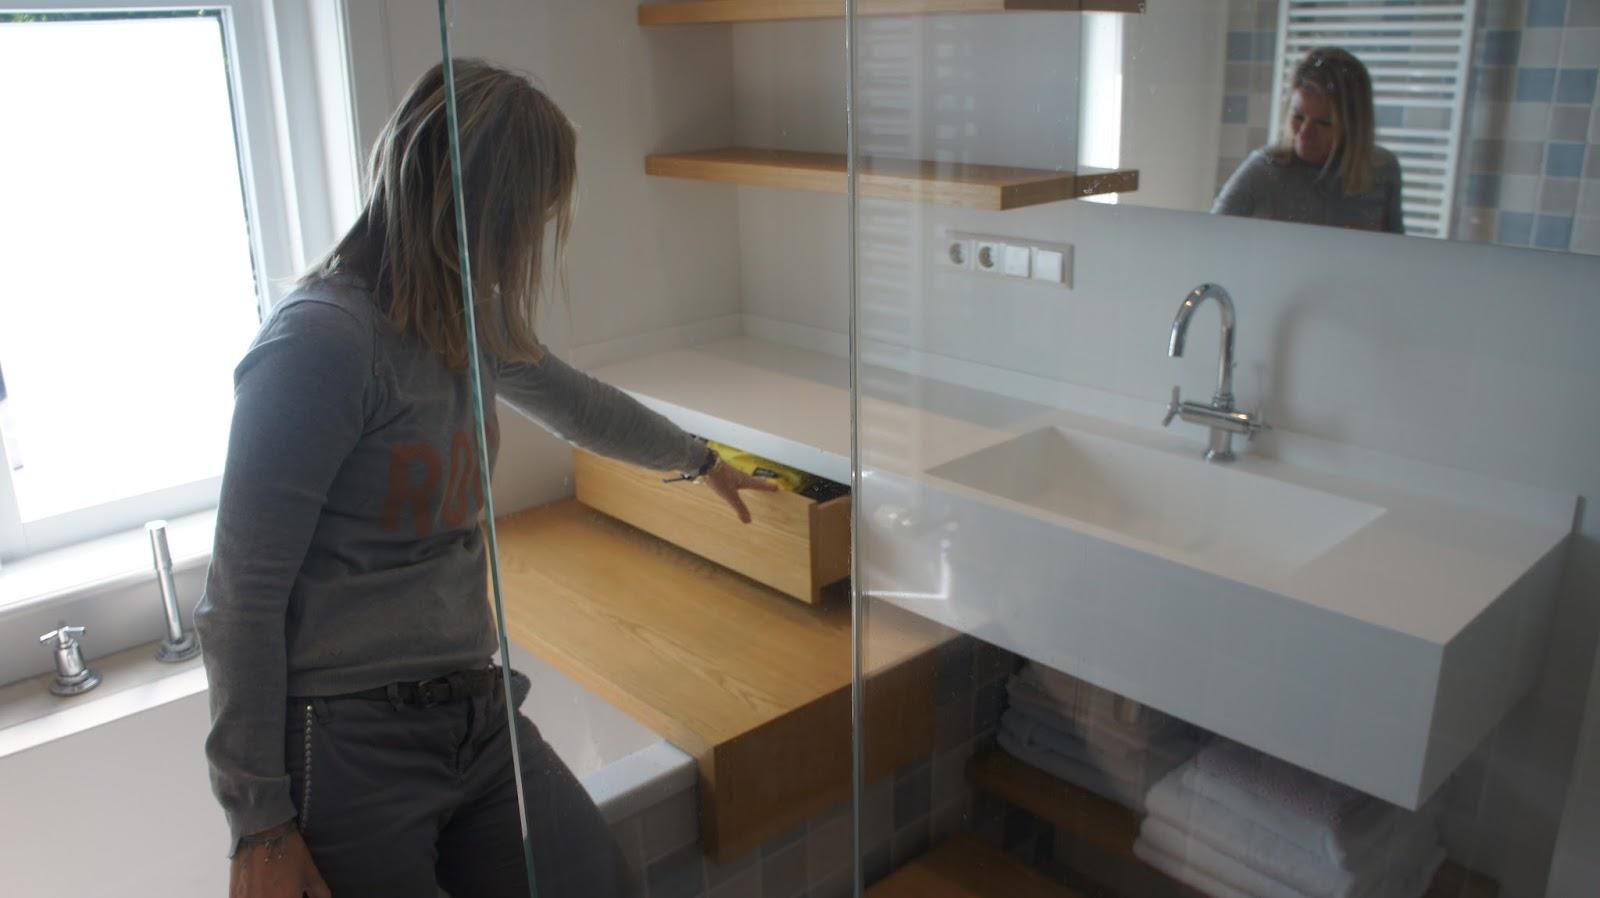 multifunctionele badkamer in kleine ruimte - Blog Startpagina voor ...